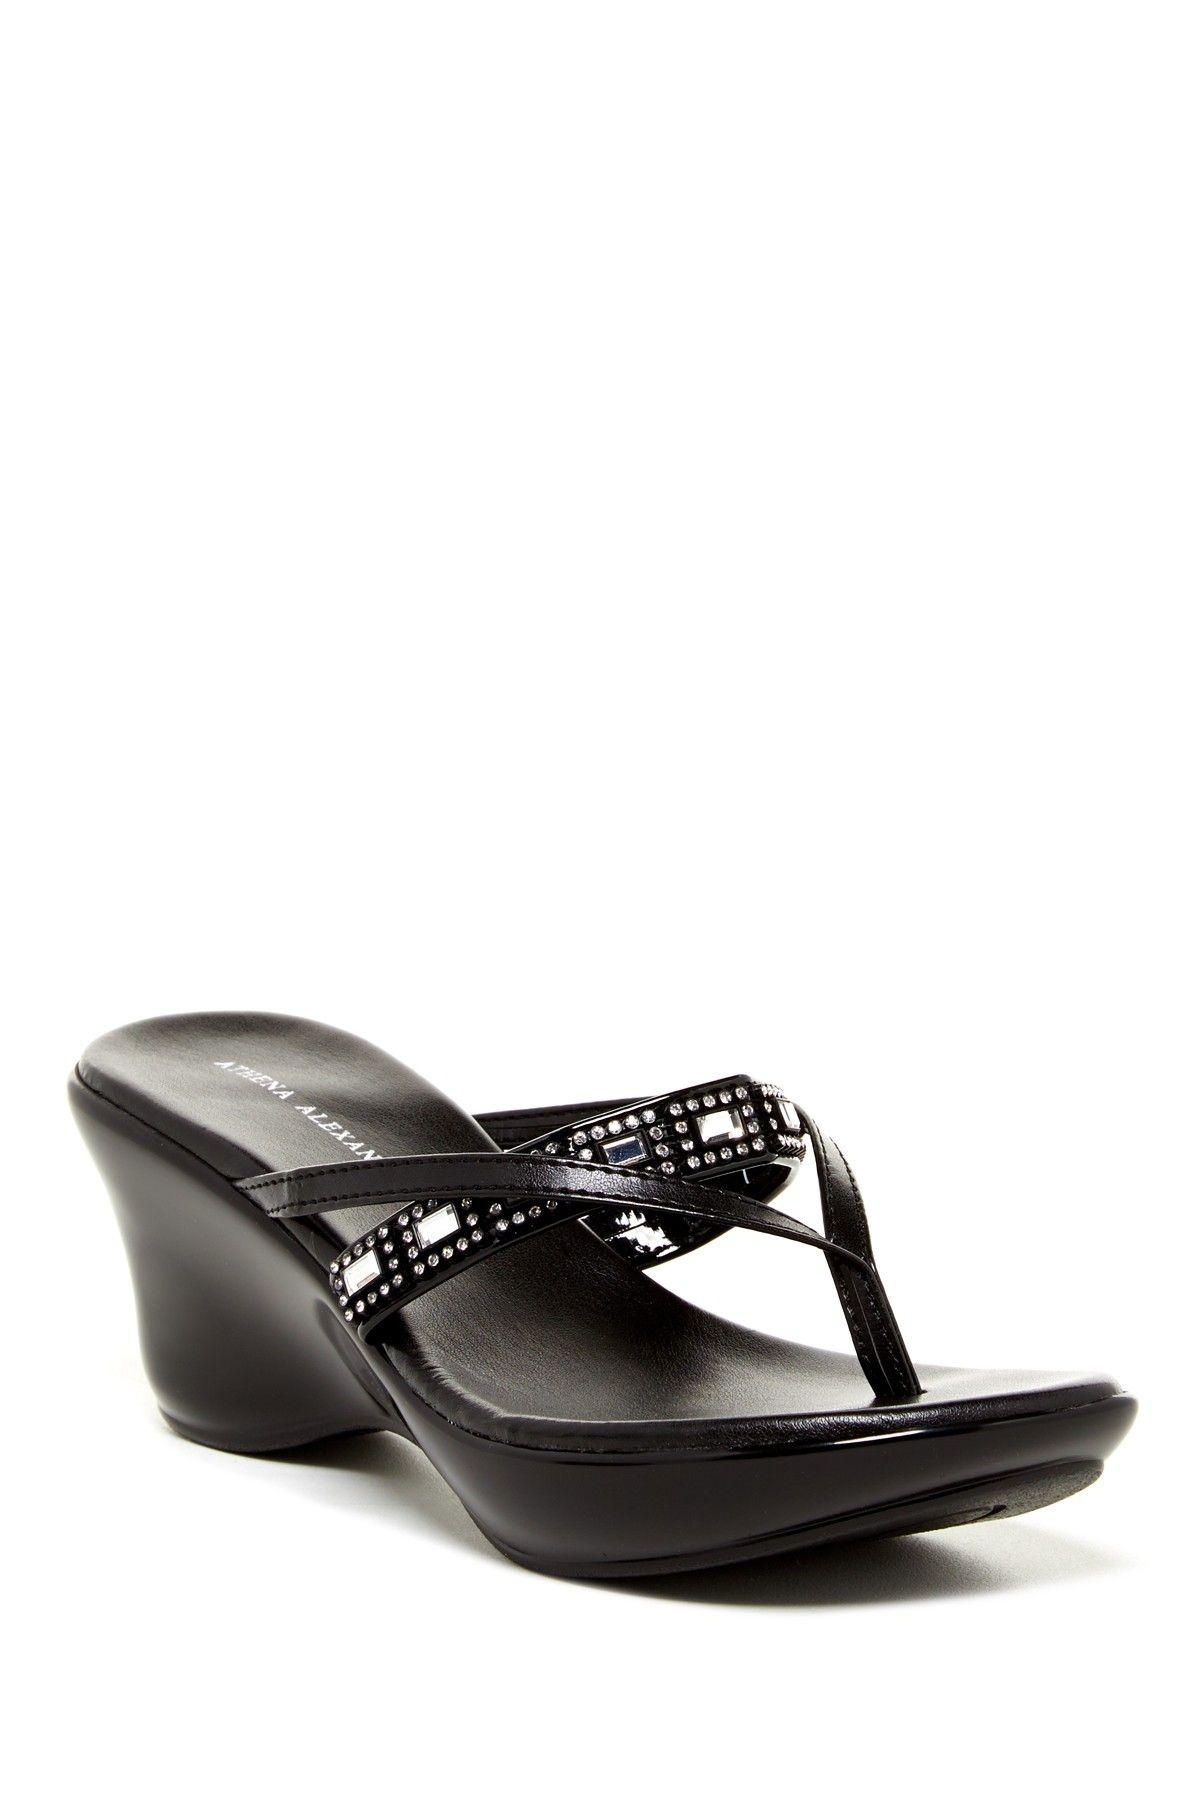 23efaa8bcc0c Jimmy Wedge Sandal by Athena Alexander on  nordstrom rack Black Flip Flops